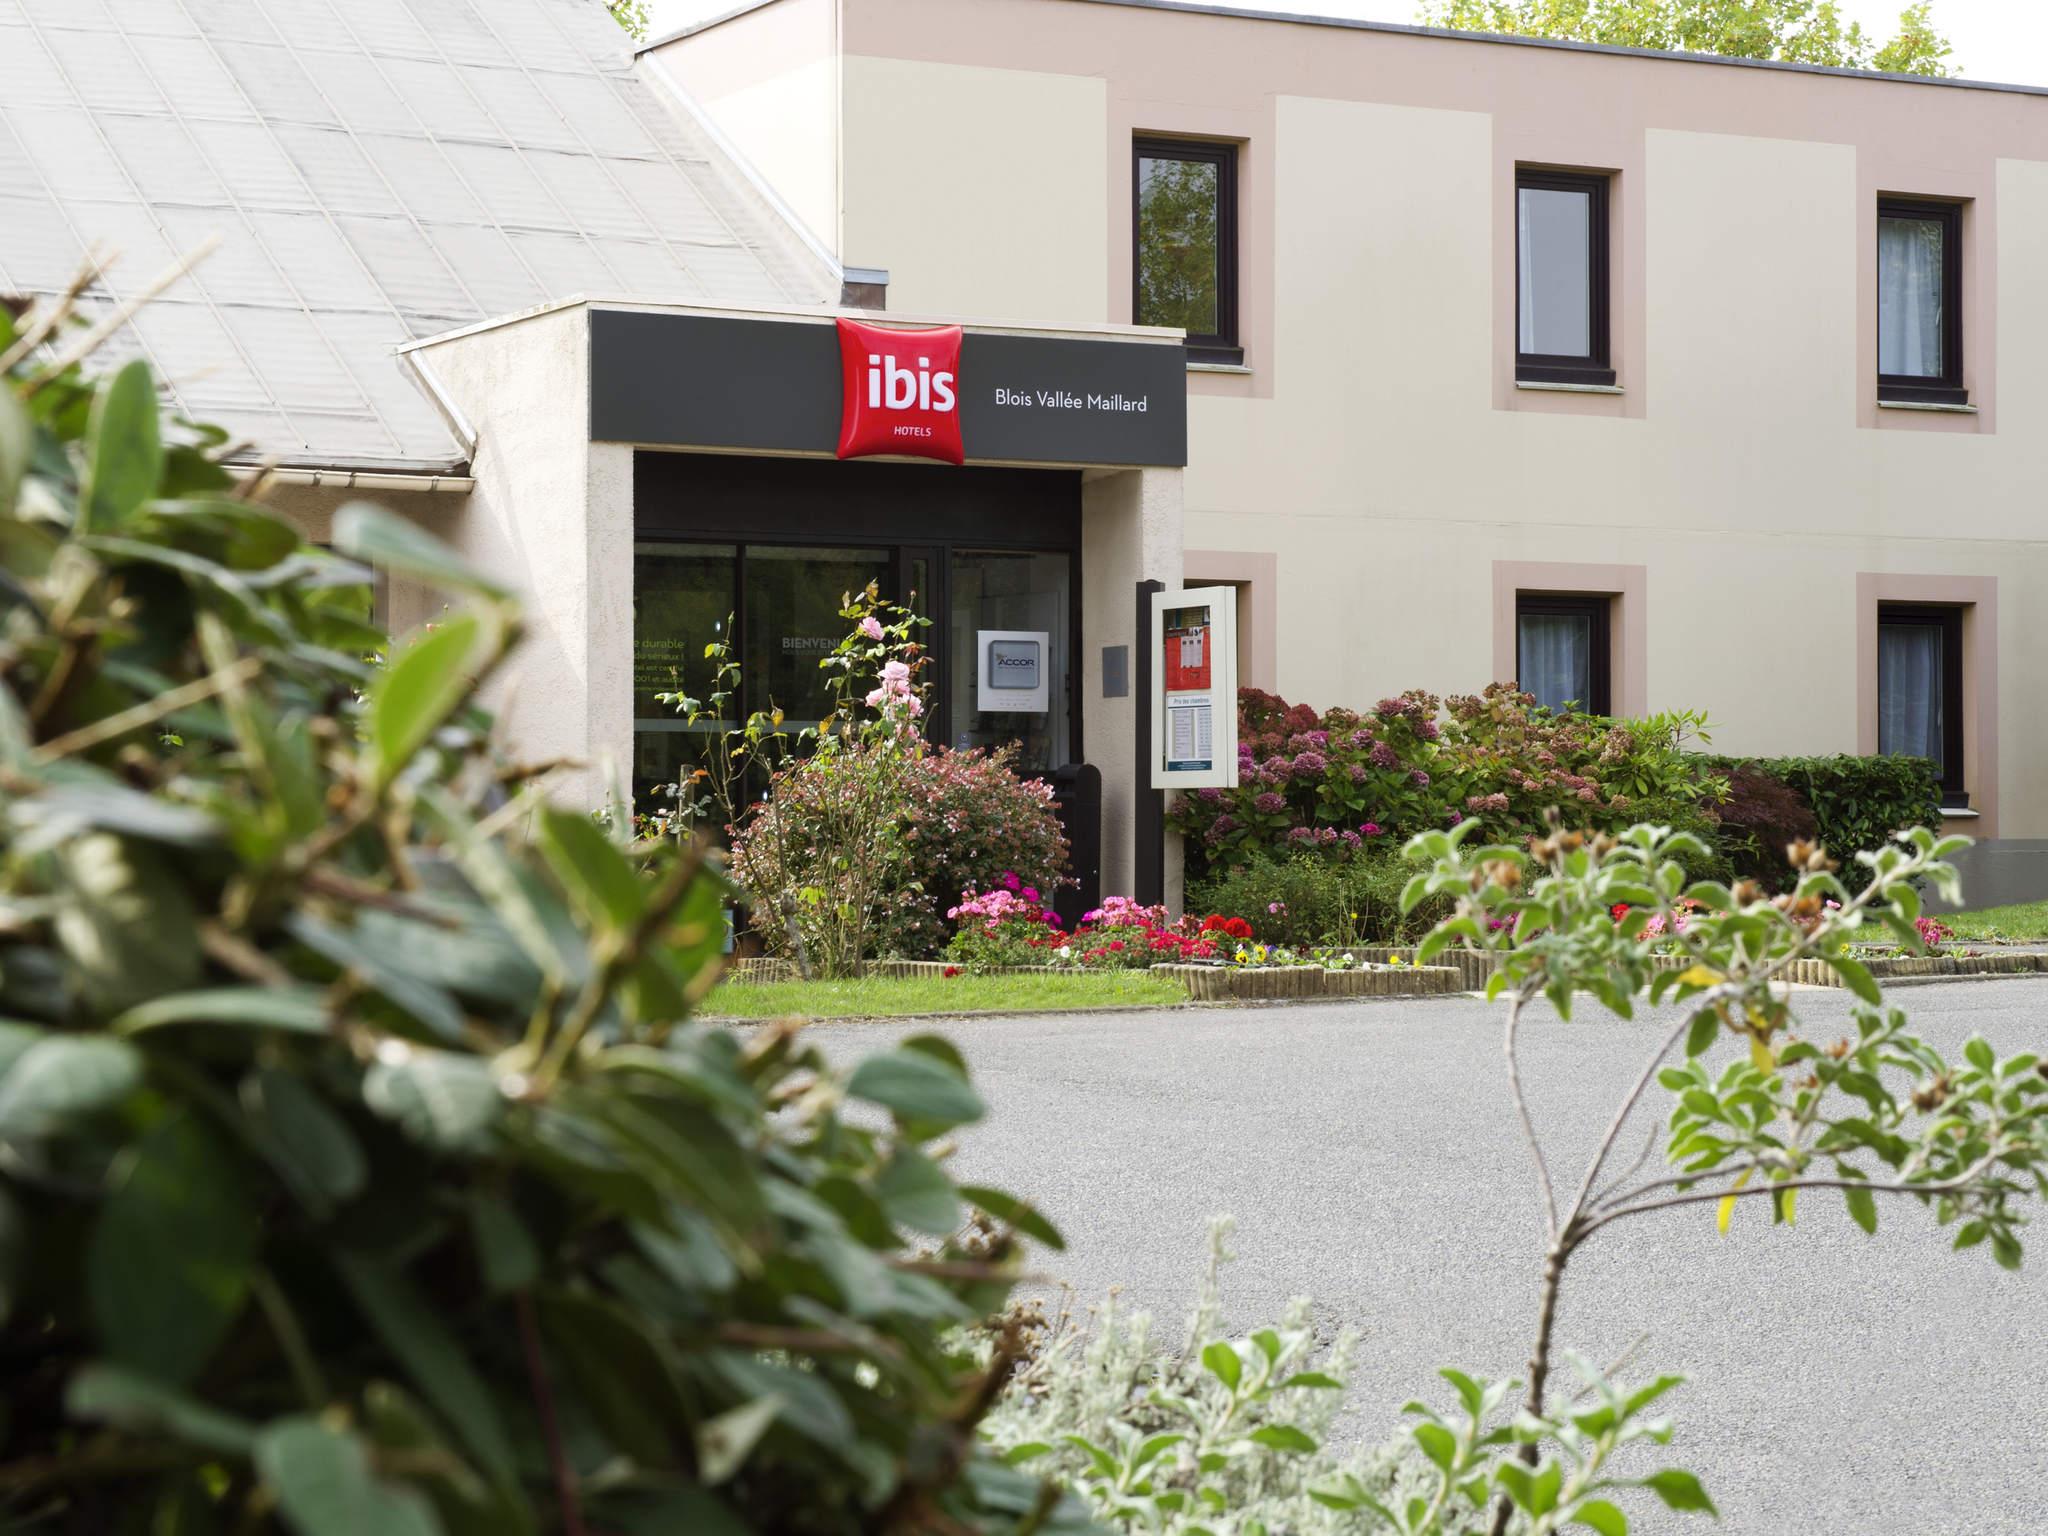 โรงแรม – ibis Blois Vallée Maillard